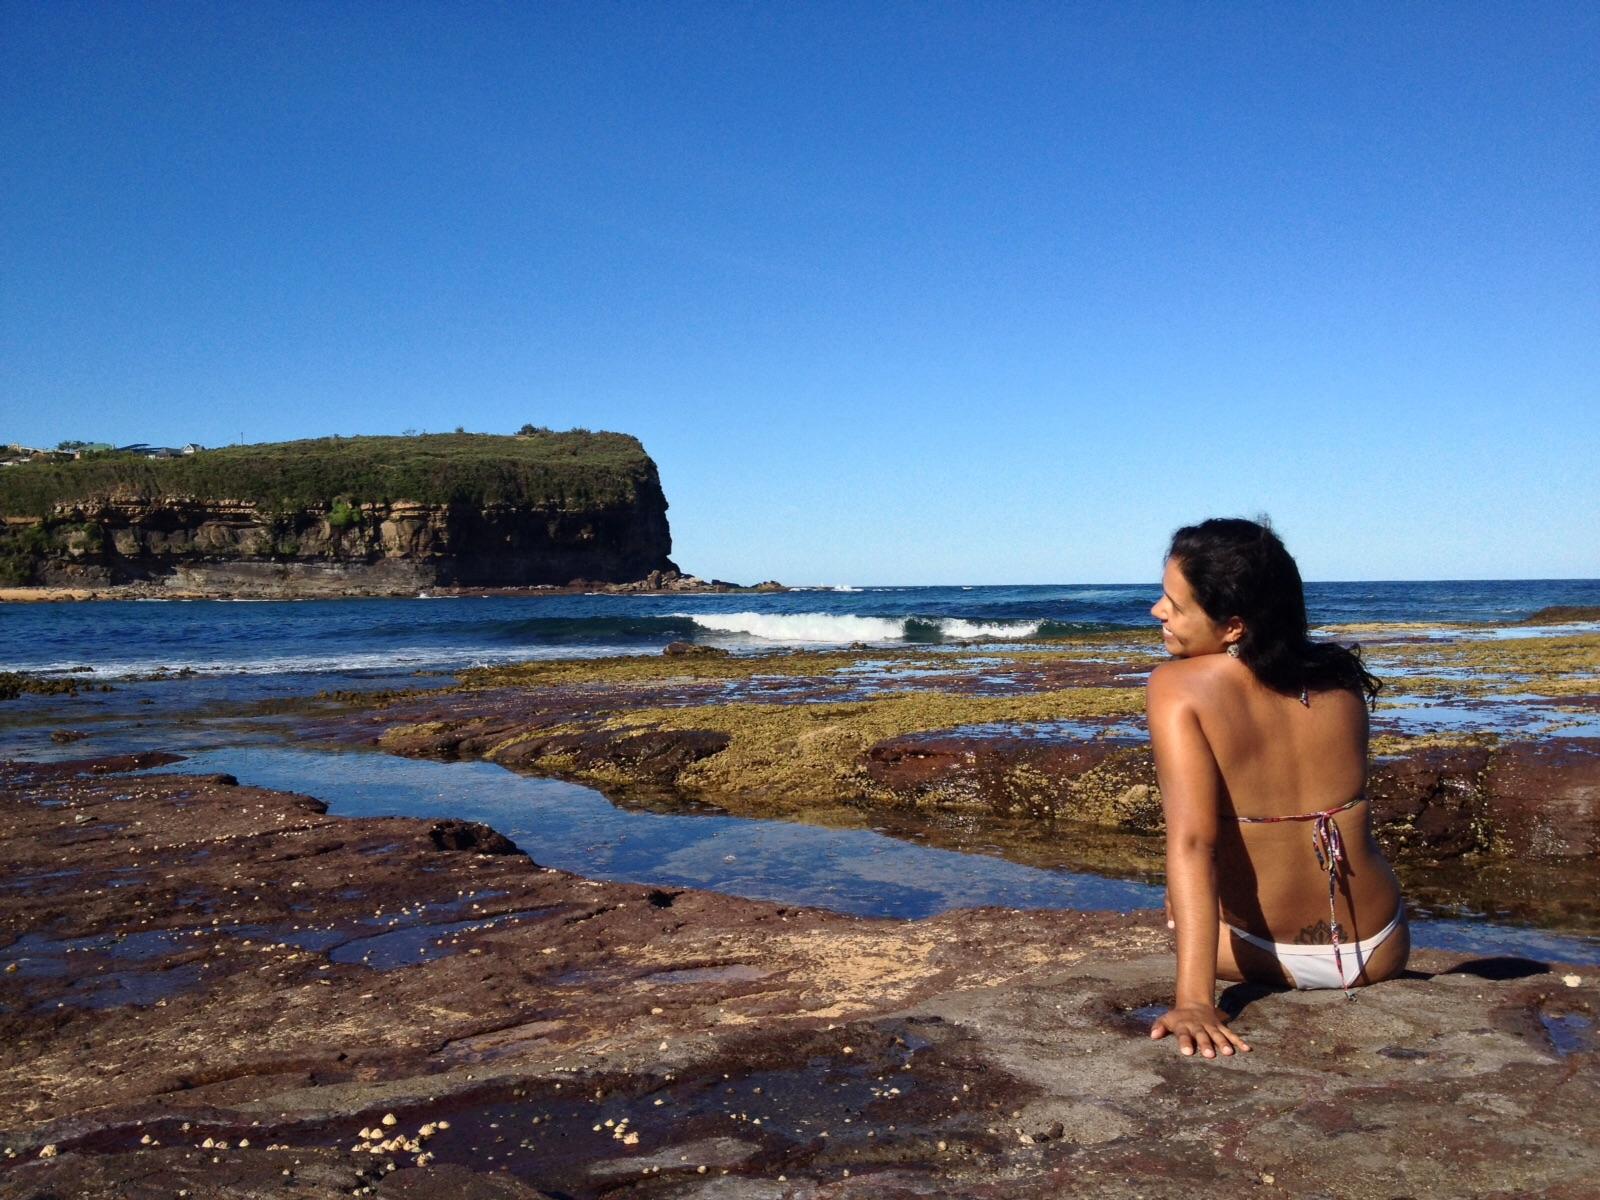 cliffs em Mona Vale Beach, próximo de Sydney